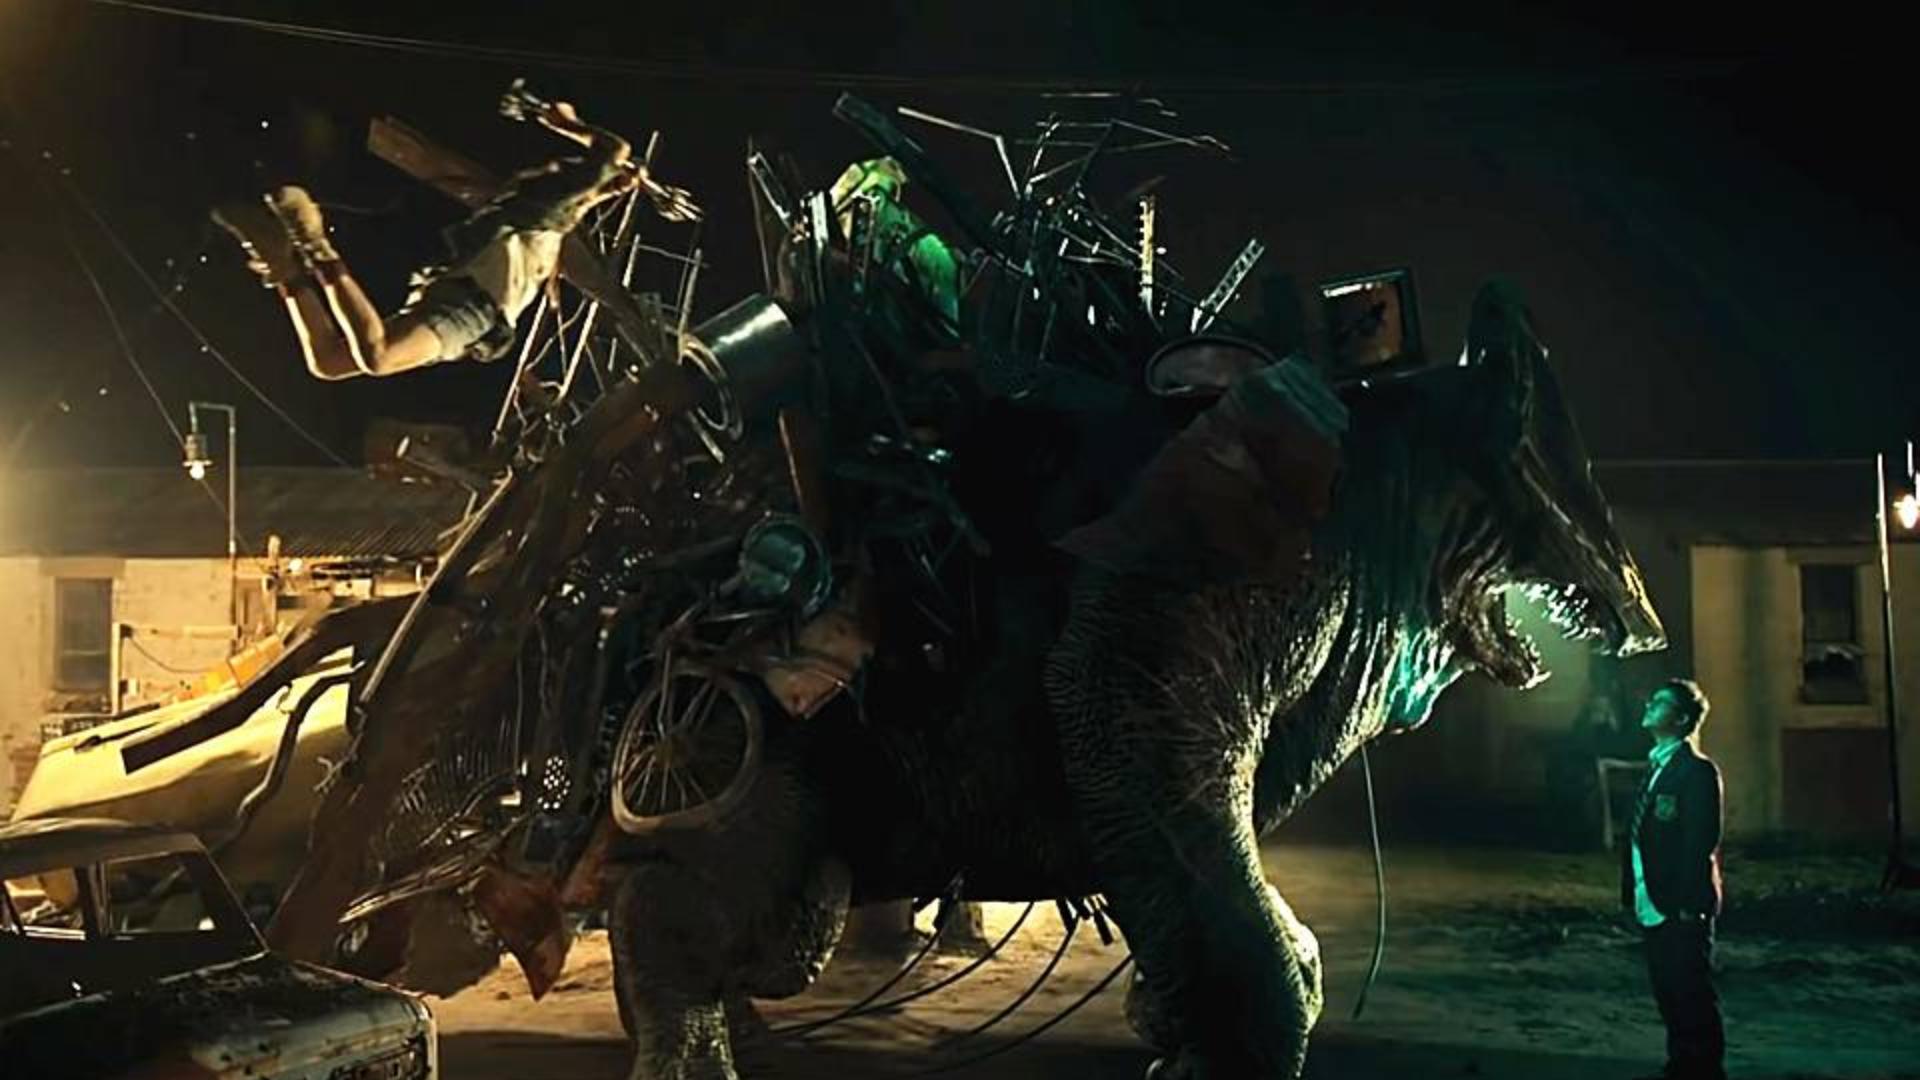 科幻短片《怪物启示录》:枯燥的现实下隐藏着一个属于怪物的新世界